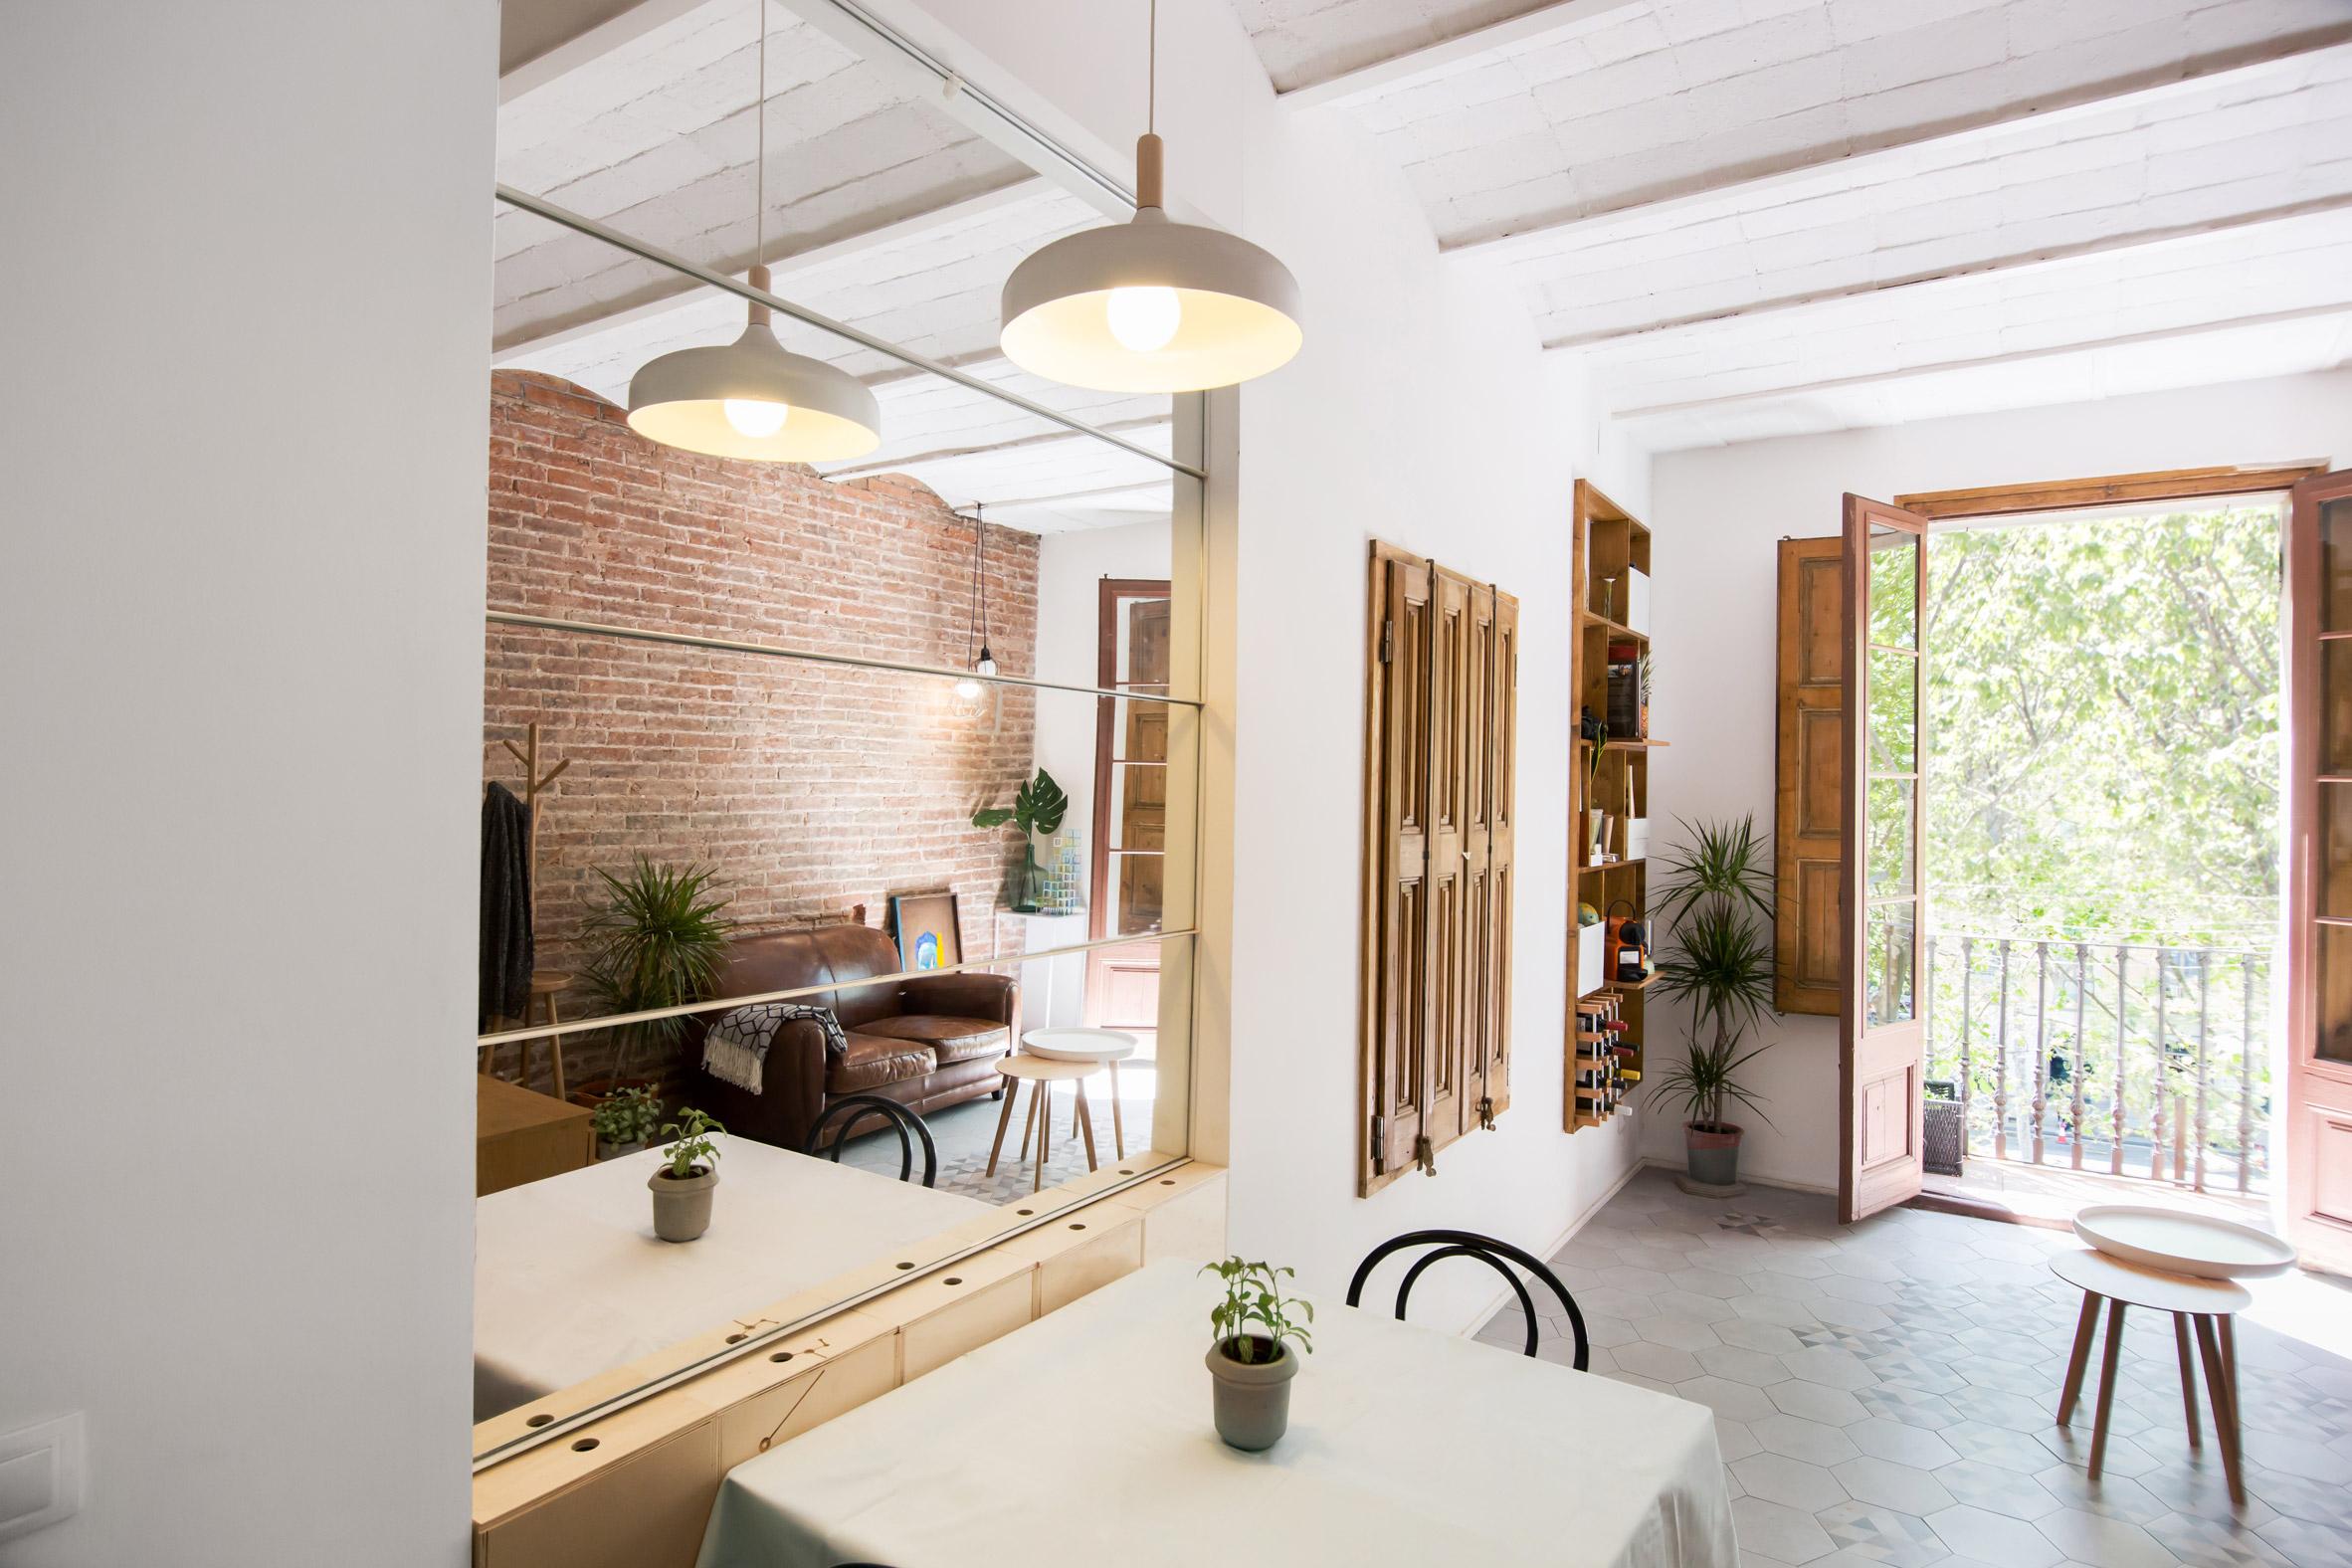 furniture architecture. Renovasi Rumah Ini Dilakukan Dari Awal Seperti Pengeksposan Dinding Bata Dan Langit-langit Yang Berkubah. Menggunakan Furniture Architecture N